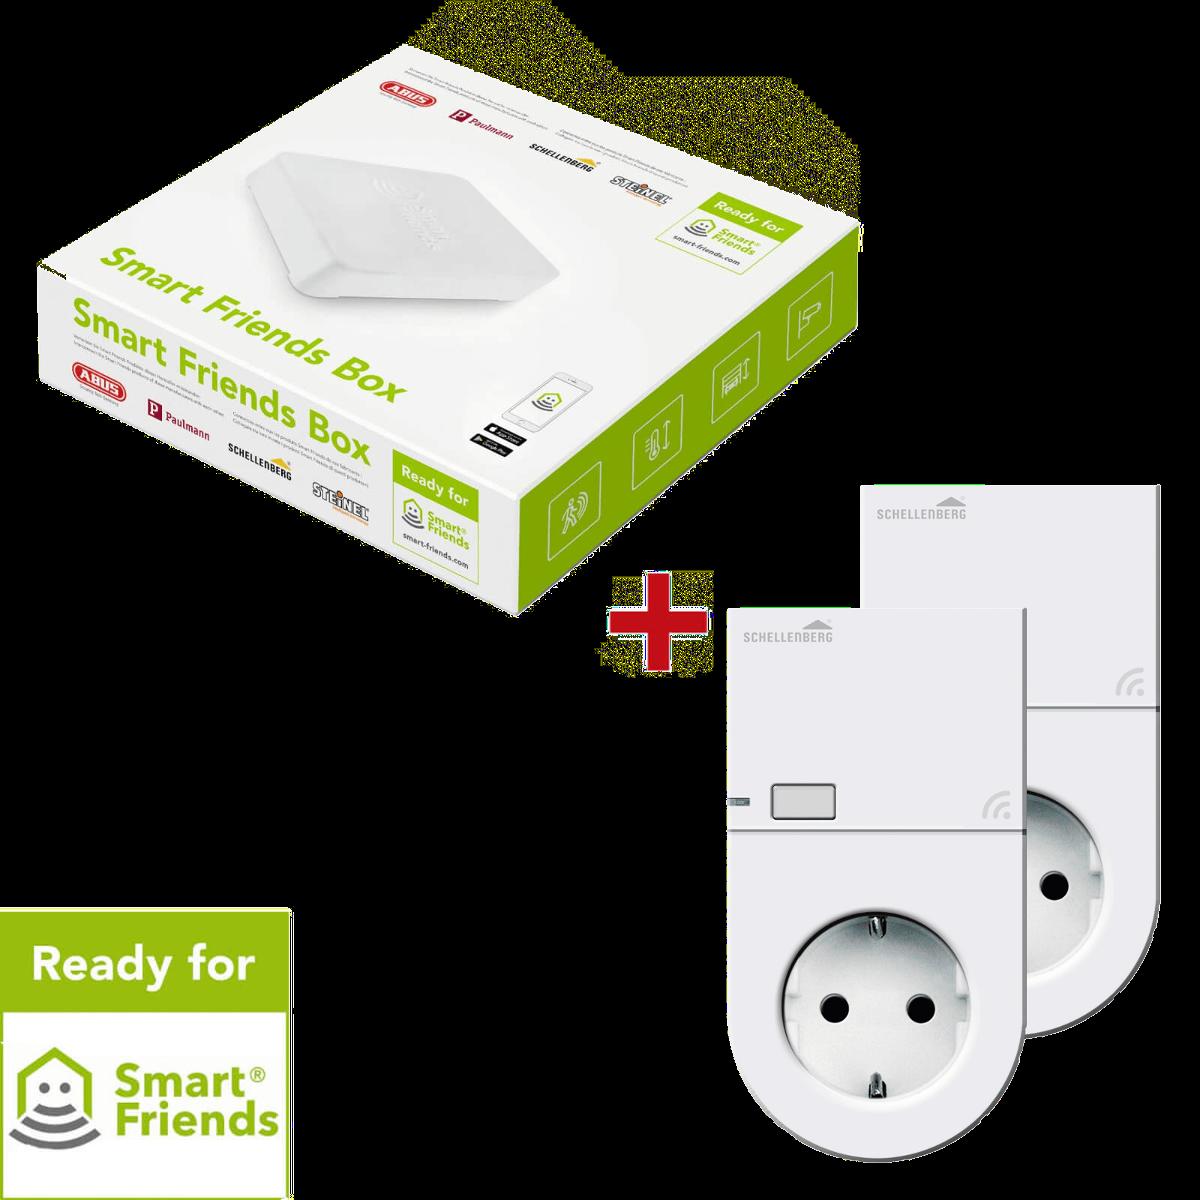 Smart Friends Vorteilspaket Energie, Smart Home Box mit 2 Funk-Steckdosen von Schellenberg, weiß